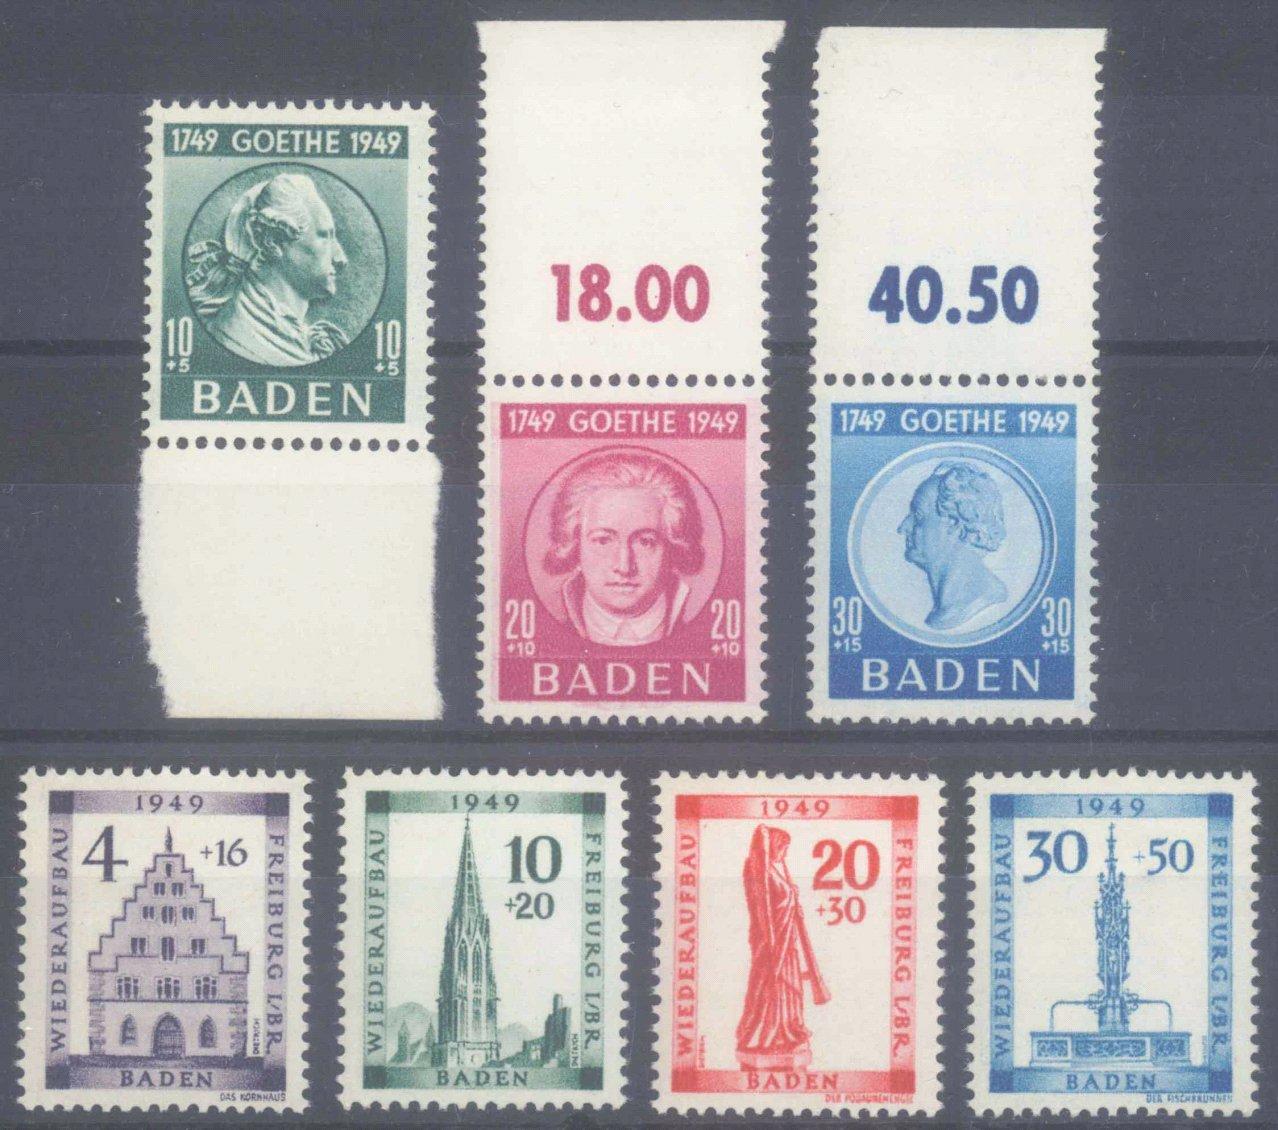 FRANZÖSISCHE ZONE BADEN 1949, Wiederaufbau und Goethe